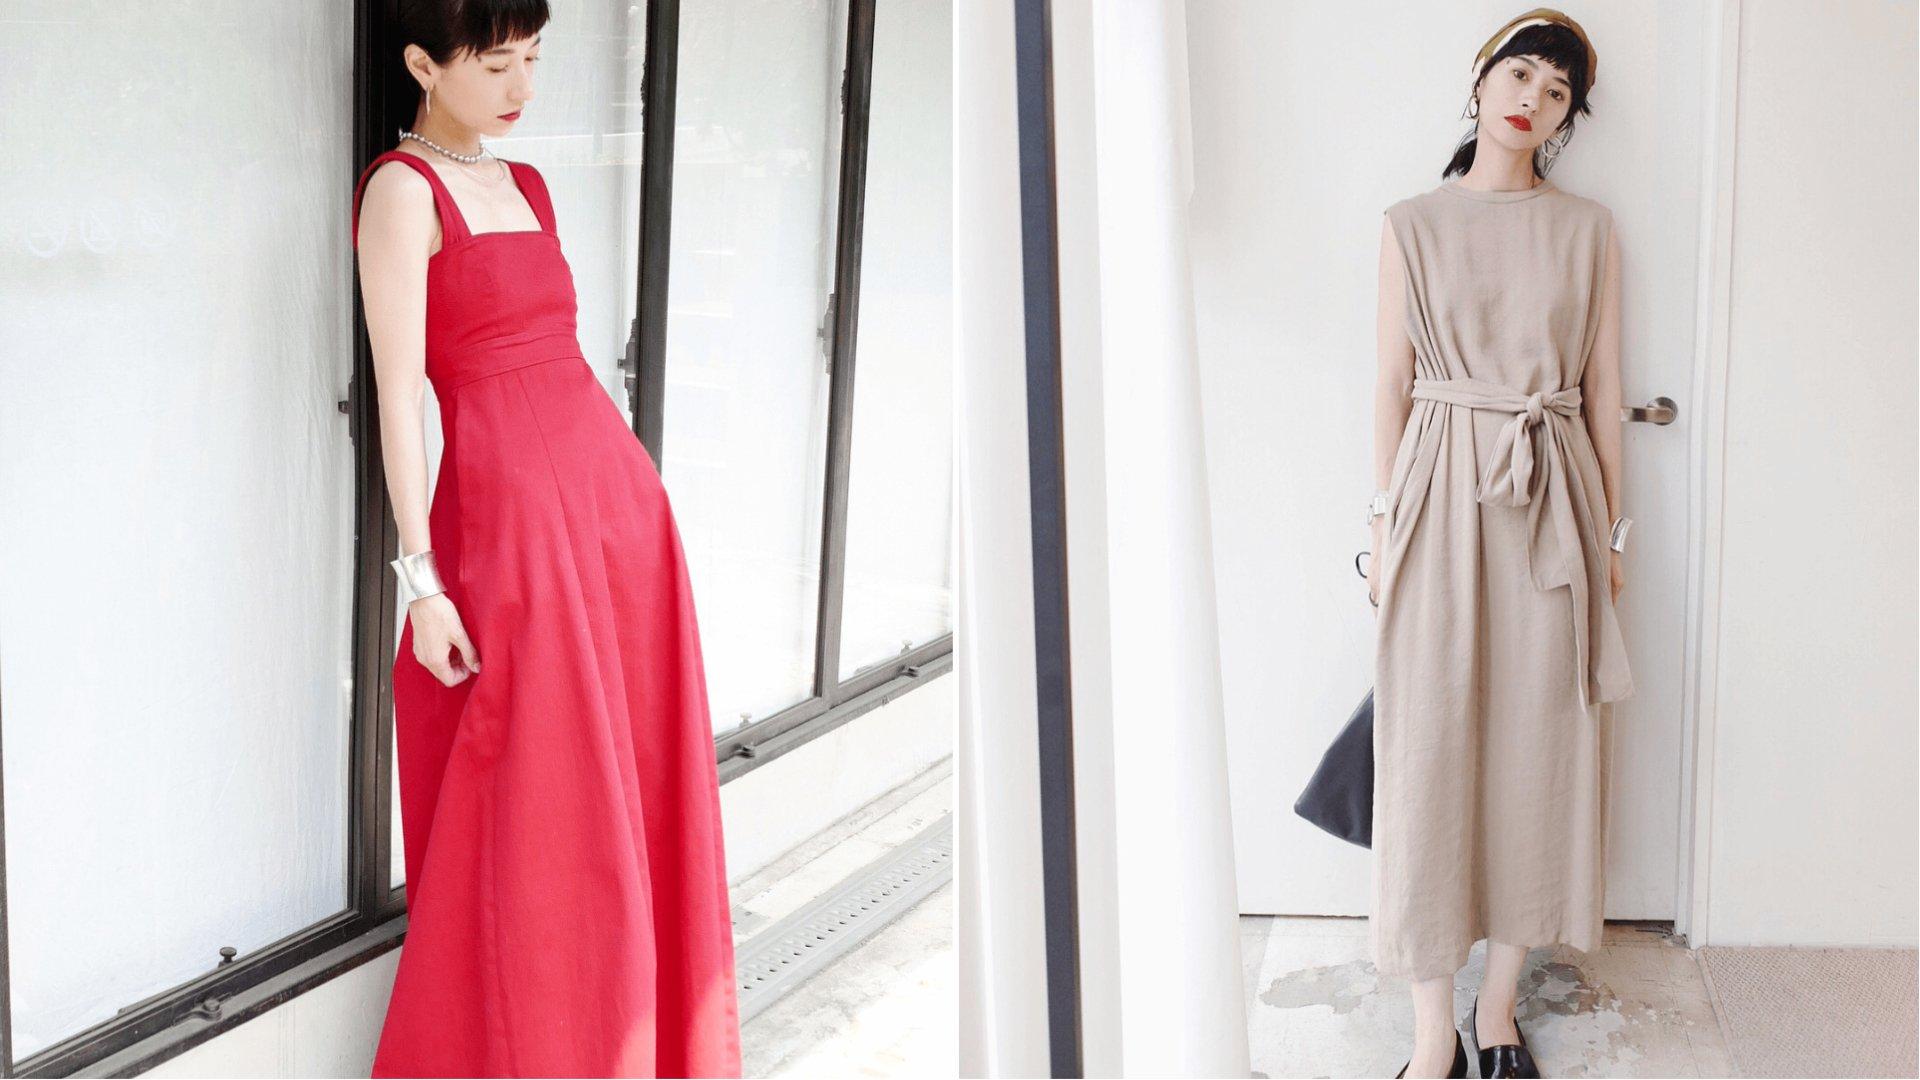 跟著松本惠奈這樣穿!善用配件讓極簡洋裝也能擁有多樣風格